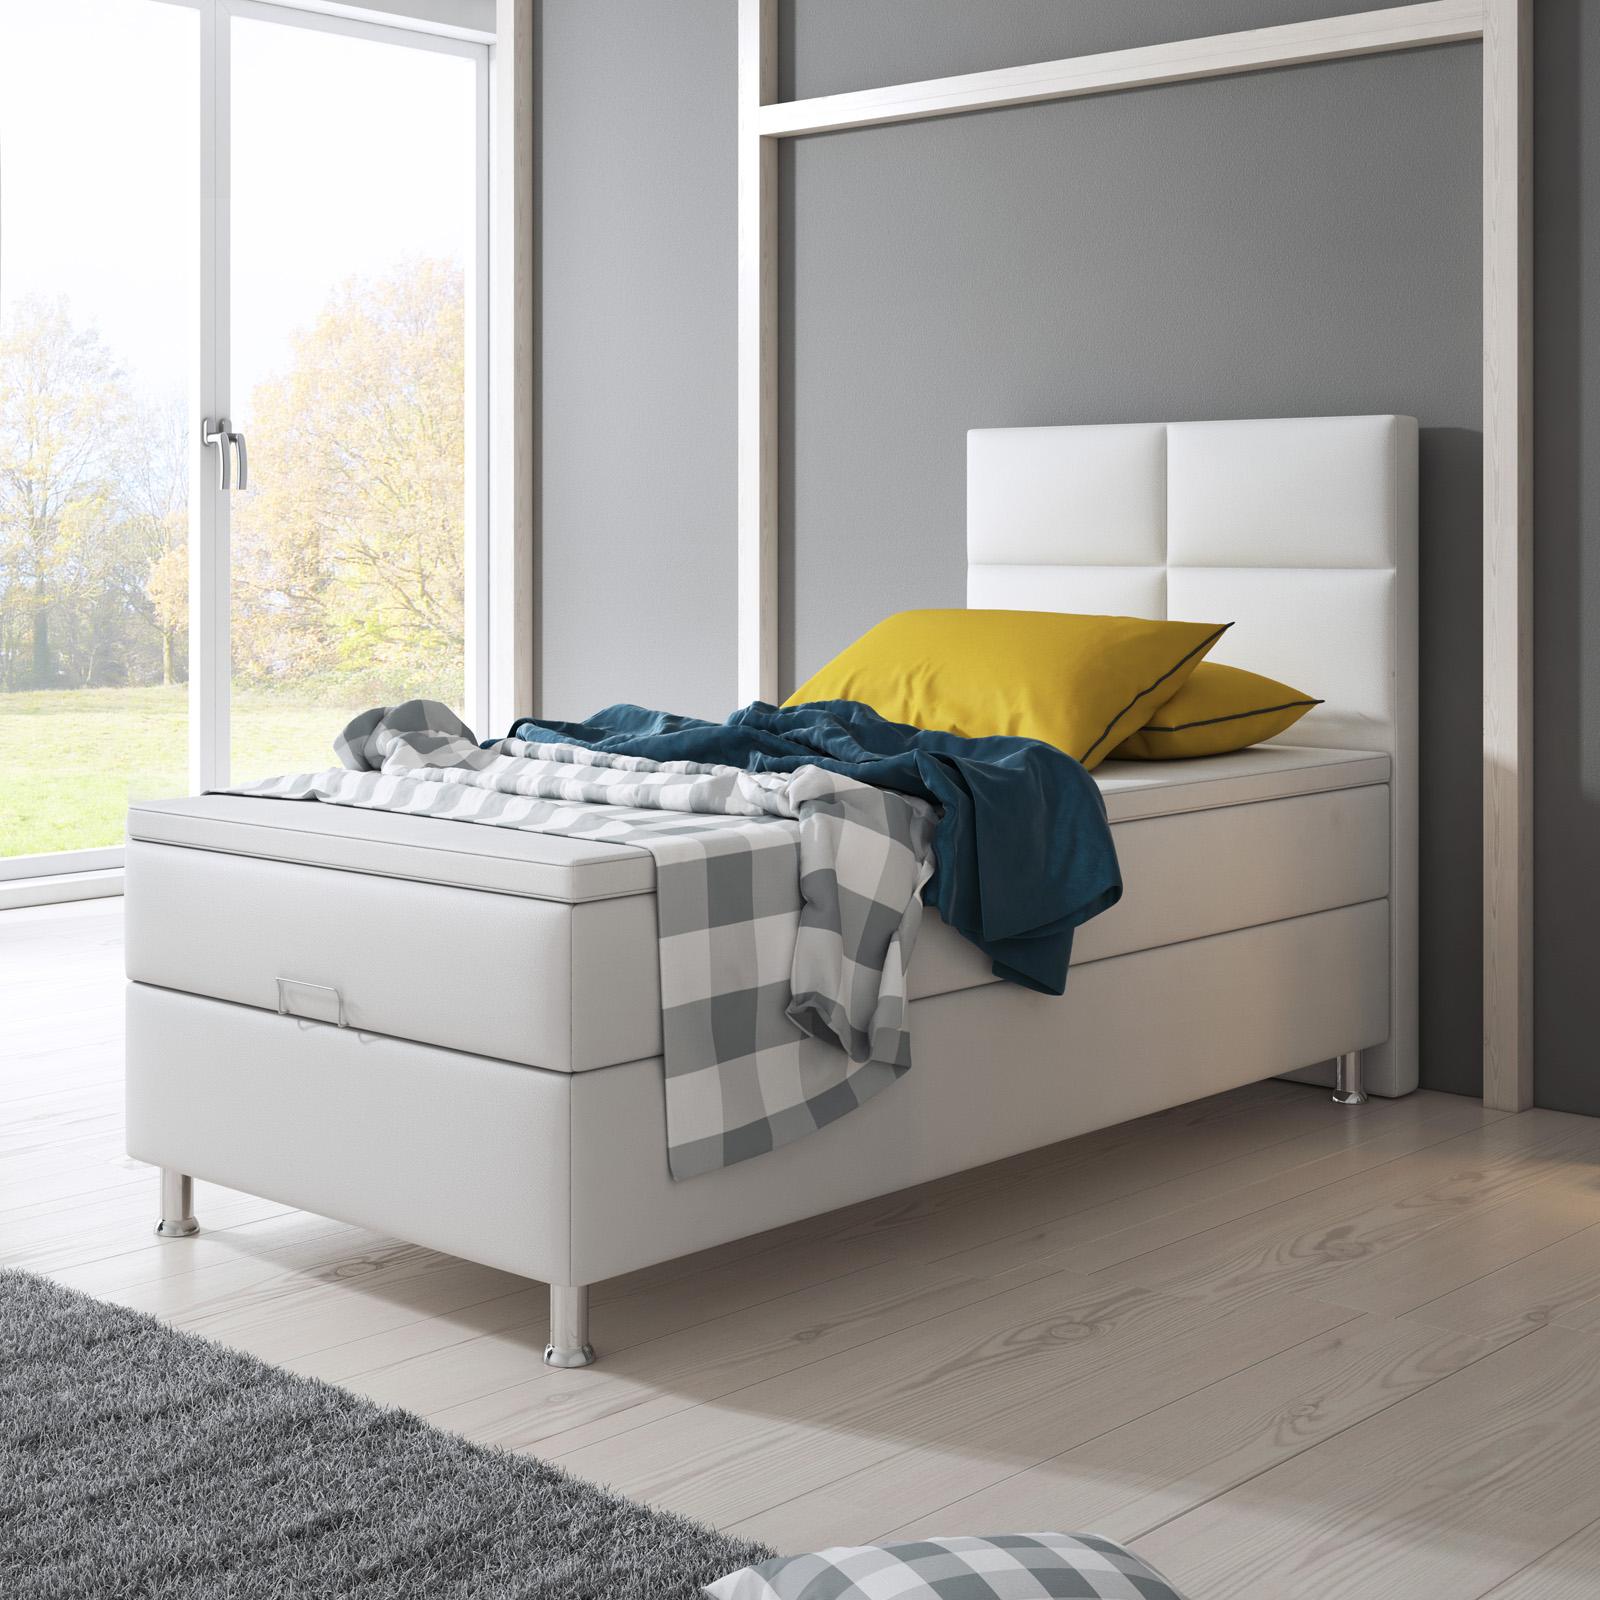 boxspringbett miami mit bettkasten 90x200 cm kunstleder weiss schlafen boxspringbetten. Black Bedroom Furniture Sets. Home Design Ideas